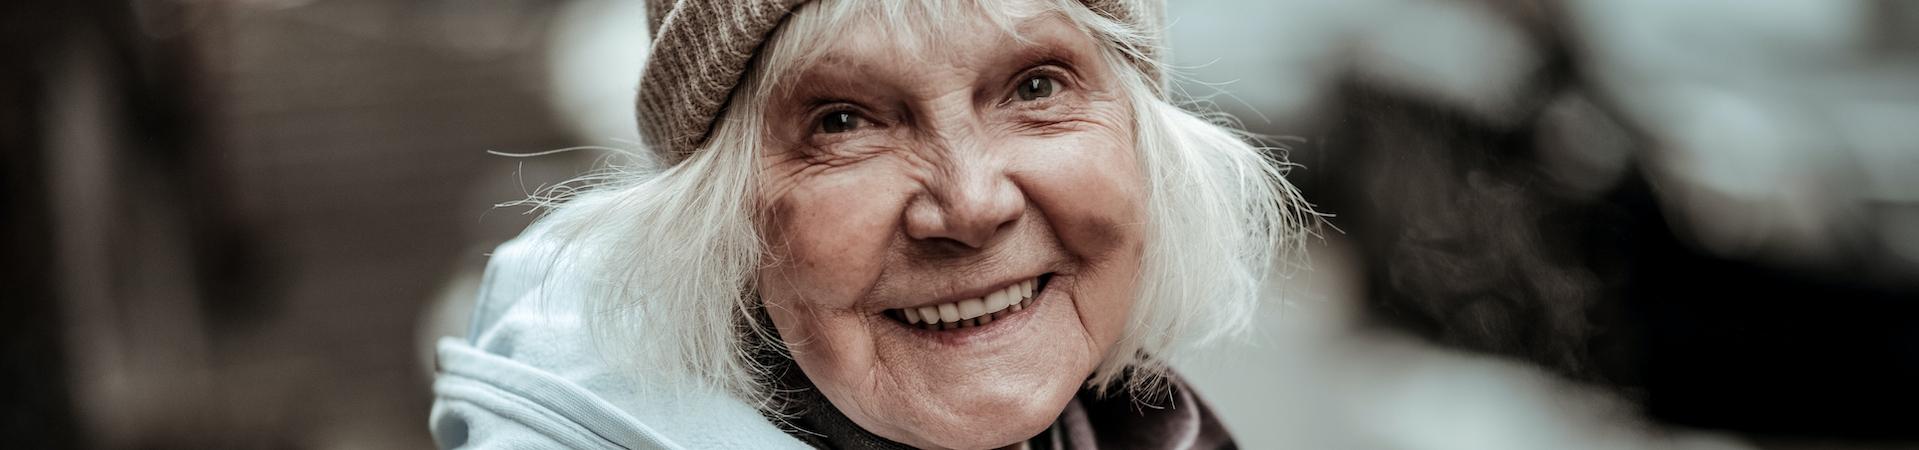 Evitare la povertà in vecchiaia – Siete preparati per la pensione?